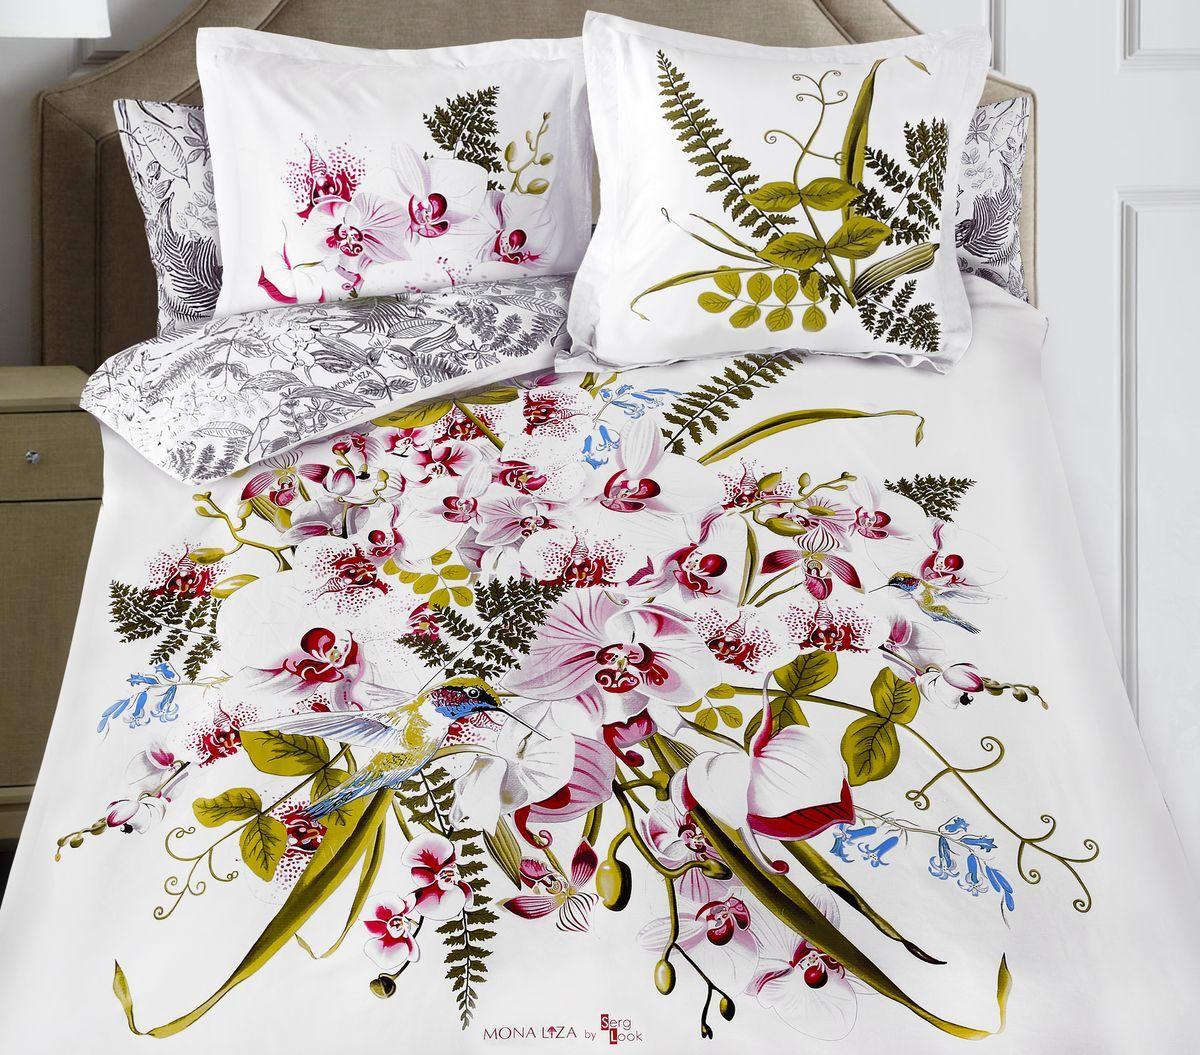 Комплект белья Mona Liza Orchid, 2-спальное, наволочки 50x70 и 70x70, цвет: белый. 8/58/5Флоральные мотивы редких экзотических цветов, переведенные в паттерн, позаимствованы из путешествий по тропическим лесам, будоражат воображение природными сочетаниями цветовых палитр и роскошью принтов. Коллекция принесет в ваш дом незабываемое настроение и добавит колорит. Высококачественный сатин окутает и позволит раствориться в мечтах о дальних жарких странах и окунуться во время вечного лета!